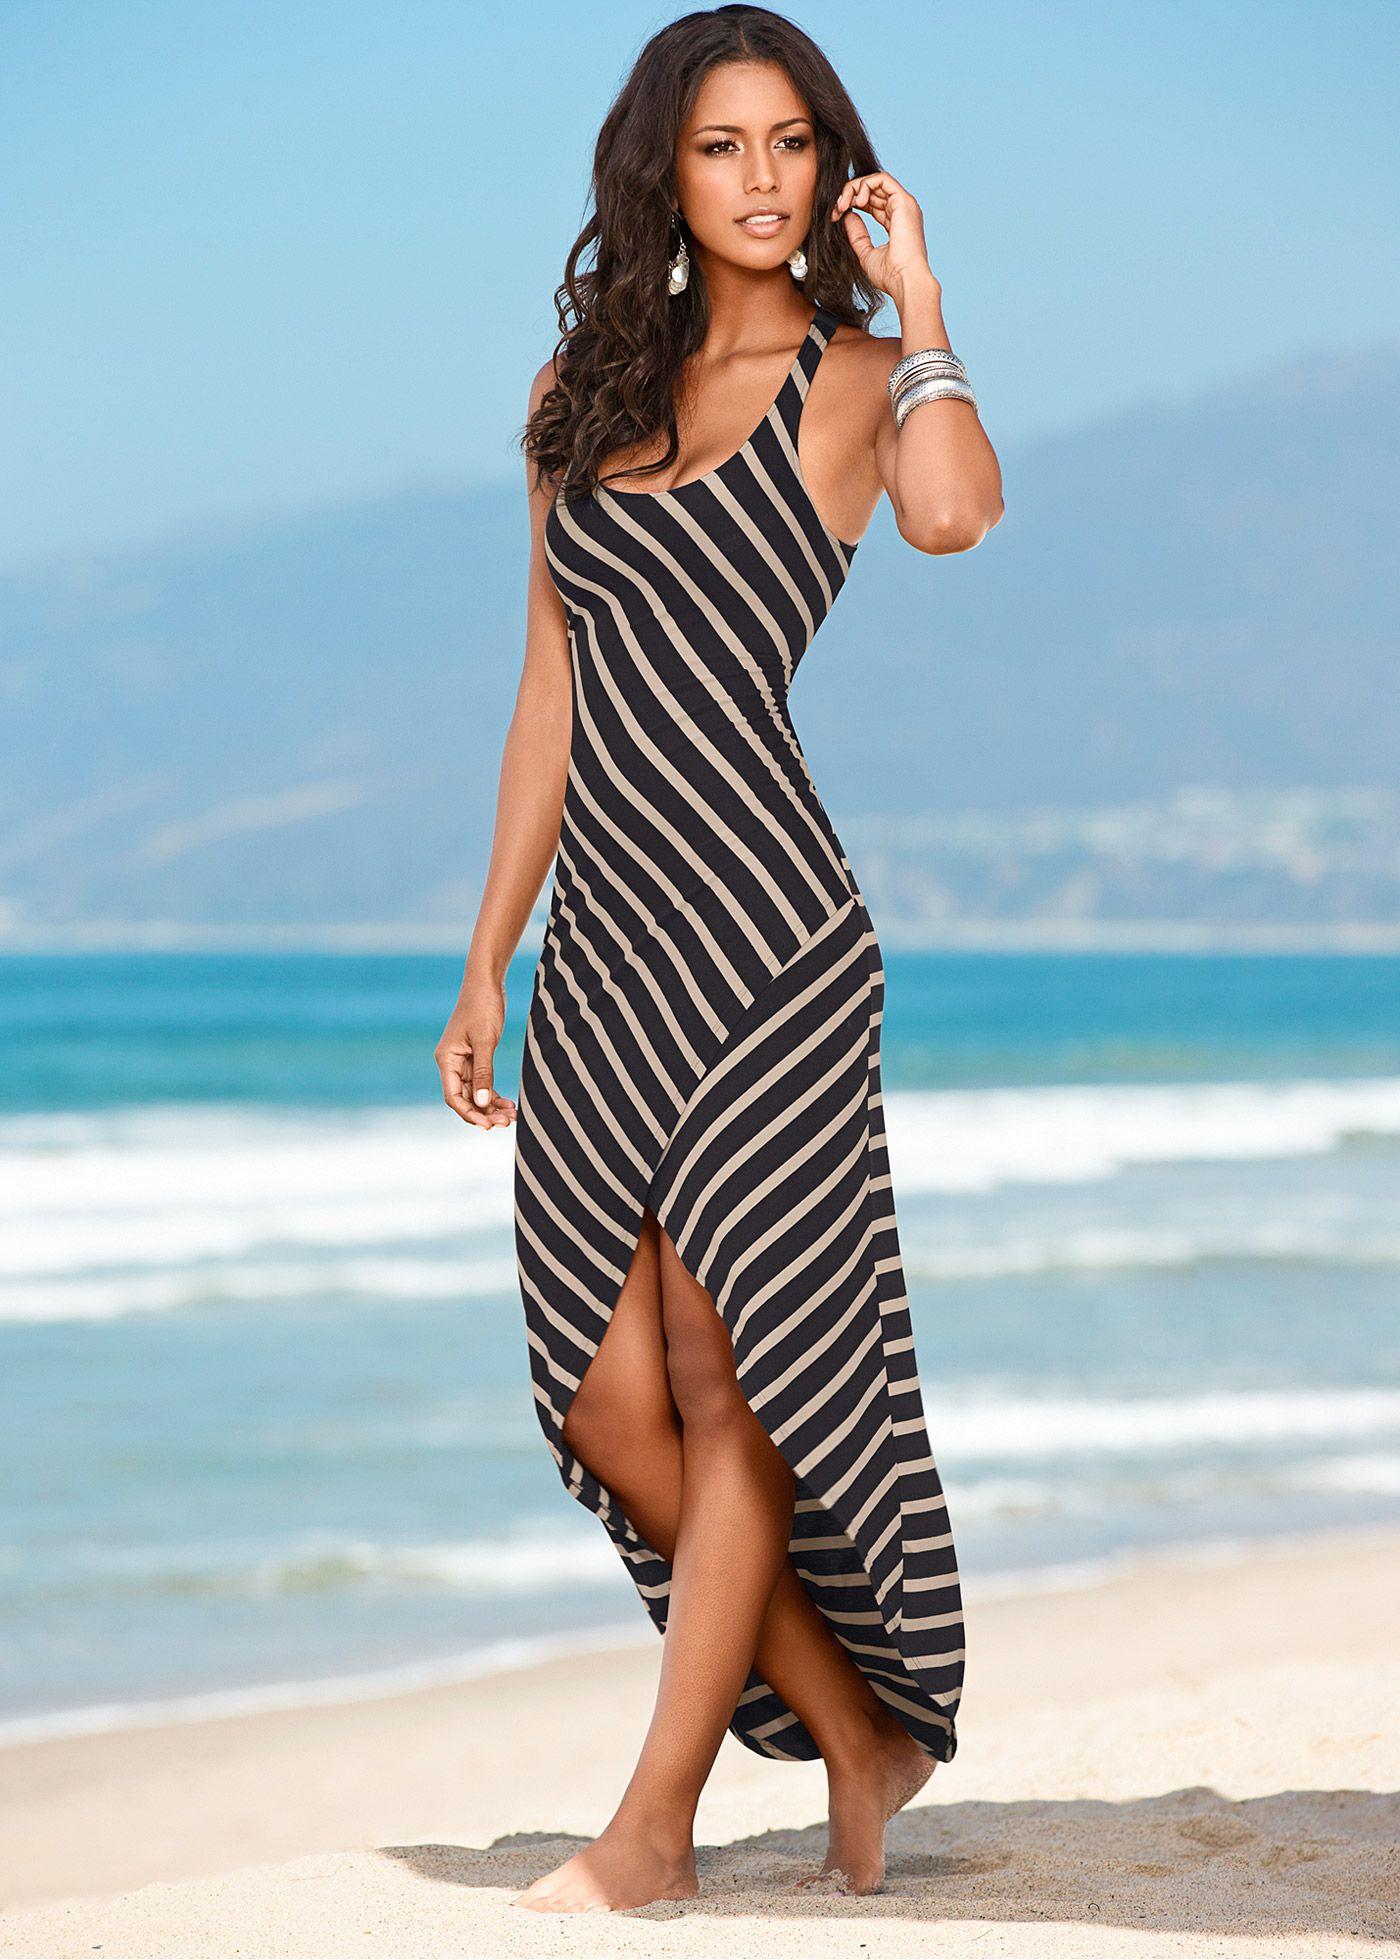 a9279f603 Vestido listrado preto com nude encomendar agora na loja on-line bonprix.de  R$ 99,90 a partir de Vestido longo listrado, fashion e casual. Decote nas .